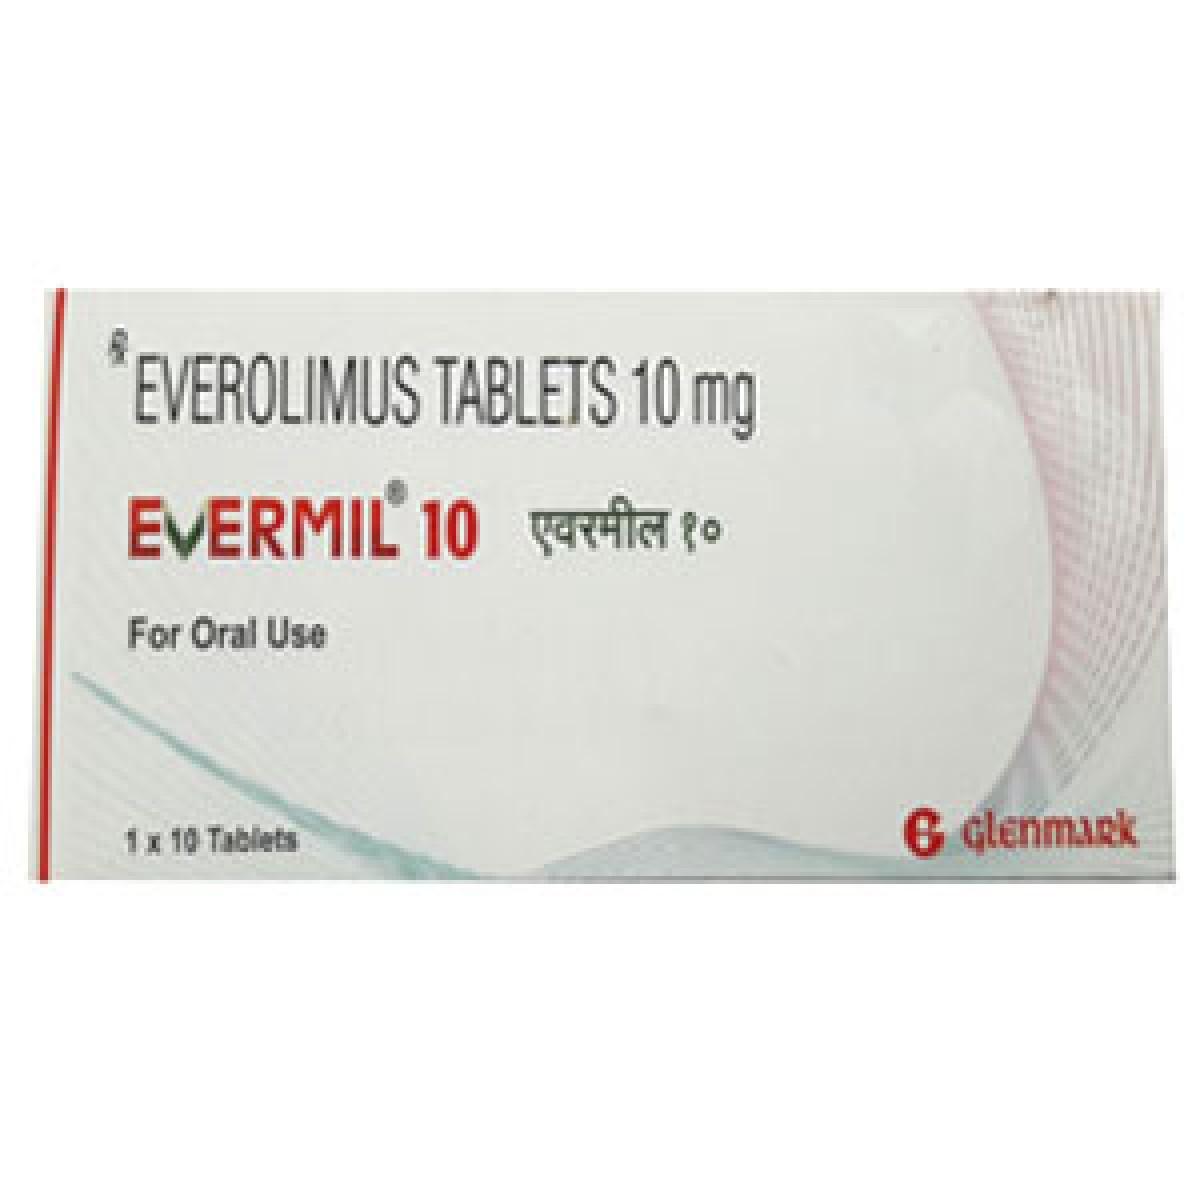 印度的GLENMARK EVERMIL/依维莫司/Everolimus/飞尼妥使用说明